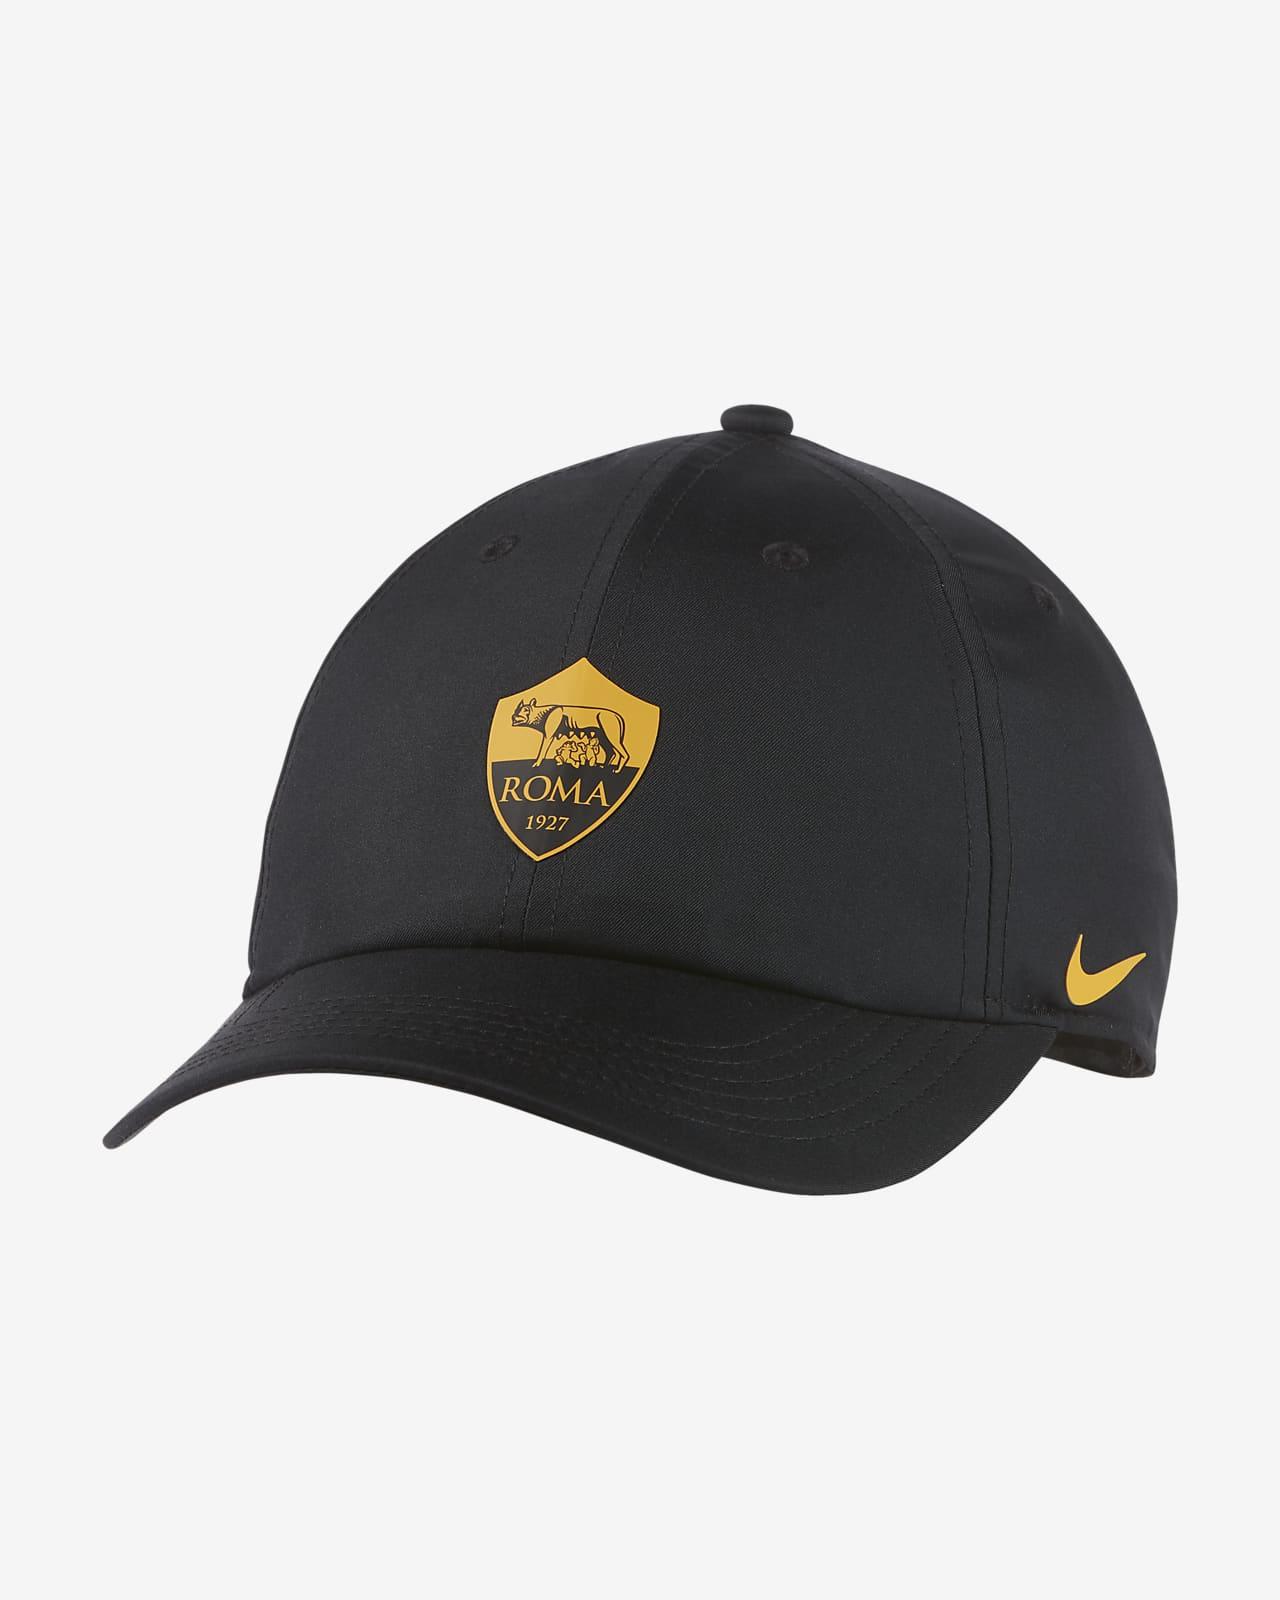 Nike Dri-FIT AS Roma Heritage86 Kids' Adjustable Hat